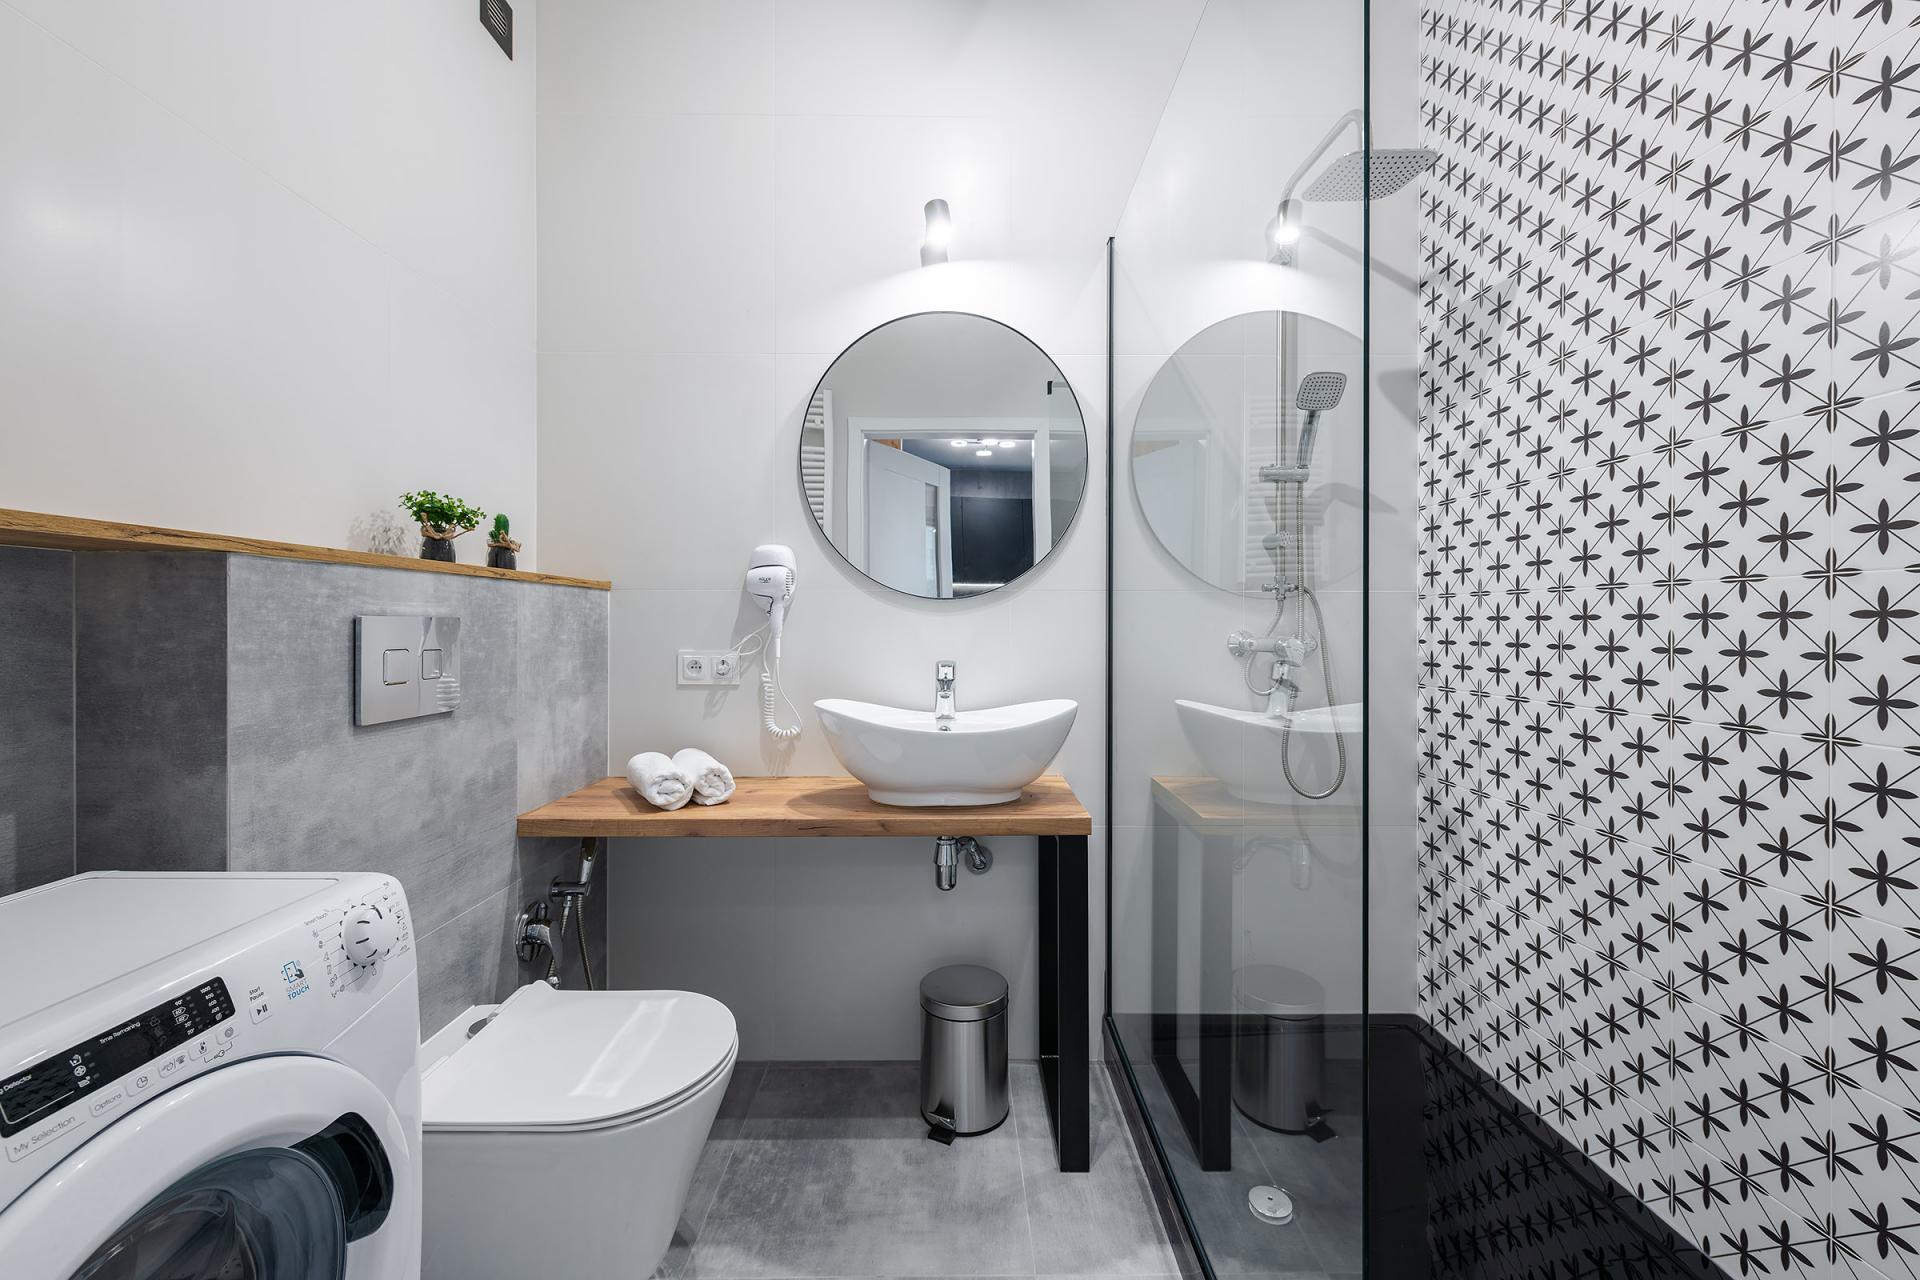 Modern bathroom at Cybernetyki 4 Apartment, Sluzewiec, Warsaw